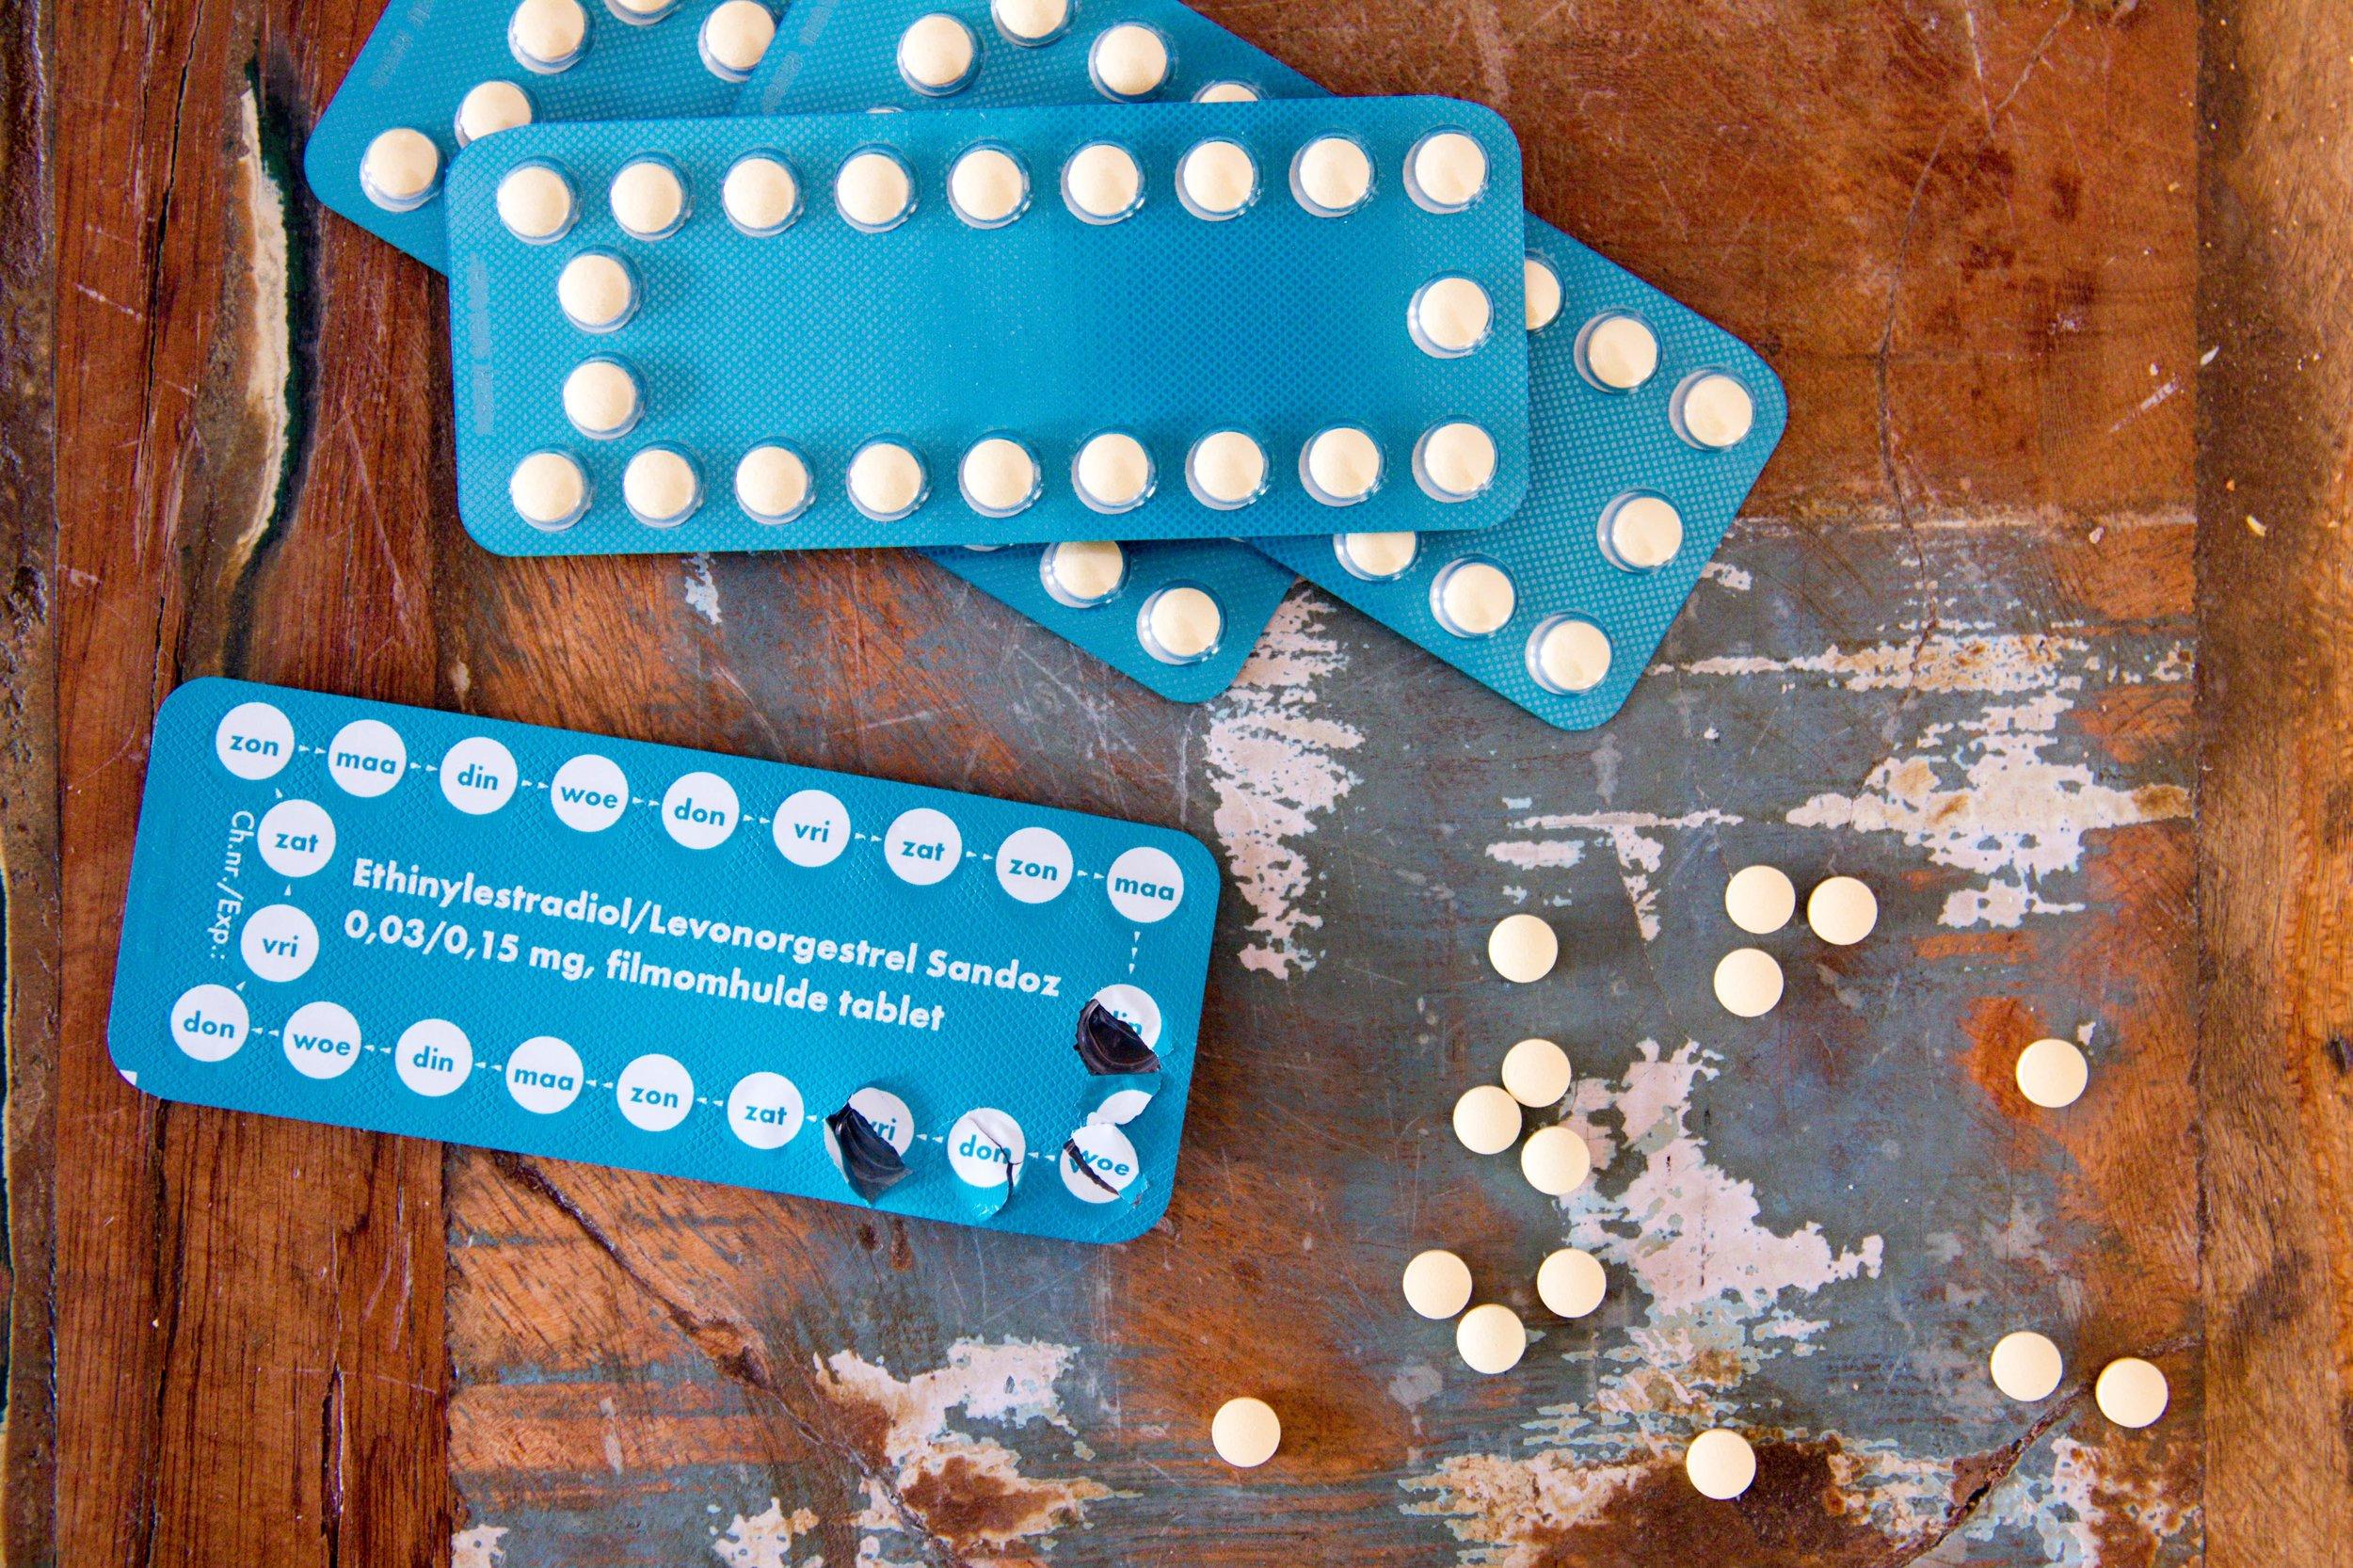 birth-control-pills-simone-van-der-koelen-435823-unsplash.jpg